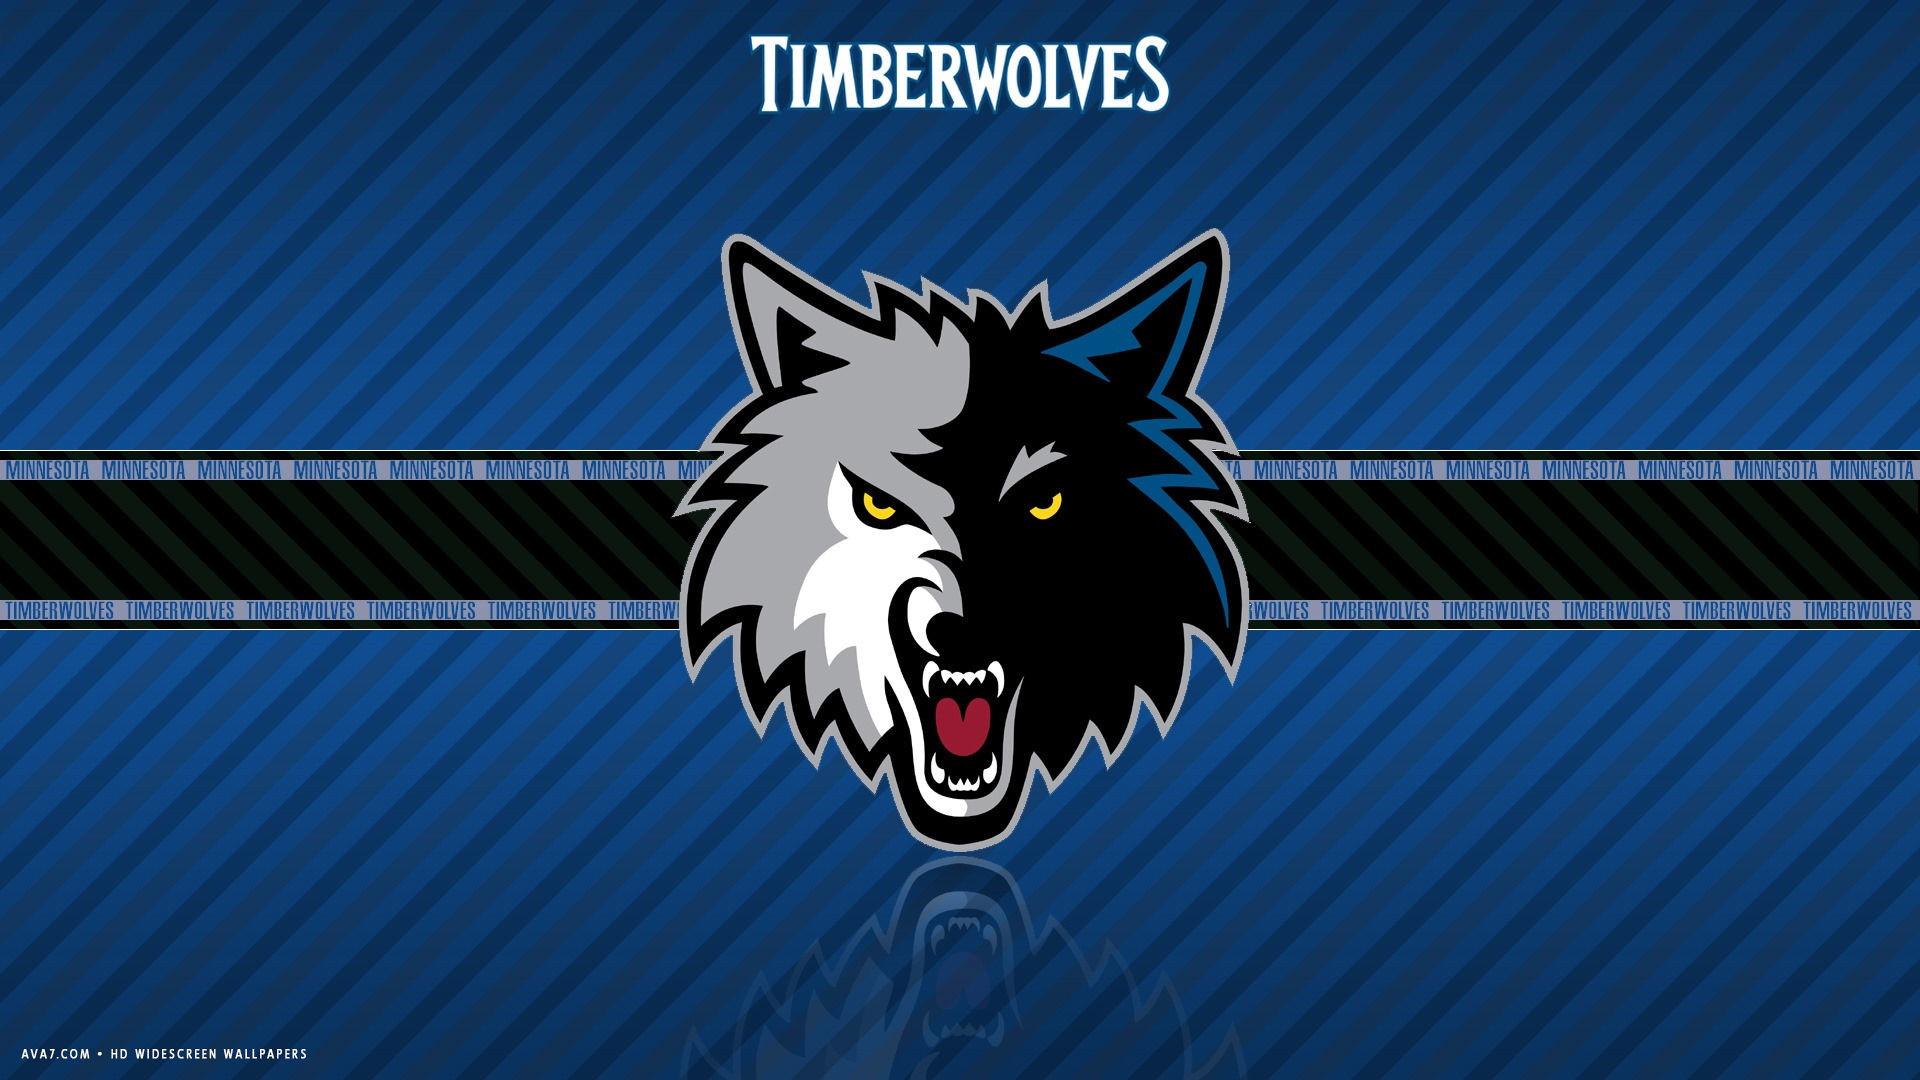 Res: 1920x1080, minnesota timberwolves nba basketball team hd widescreen wallpaper